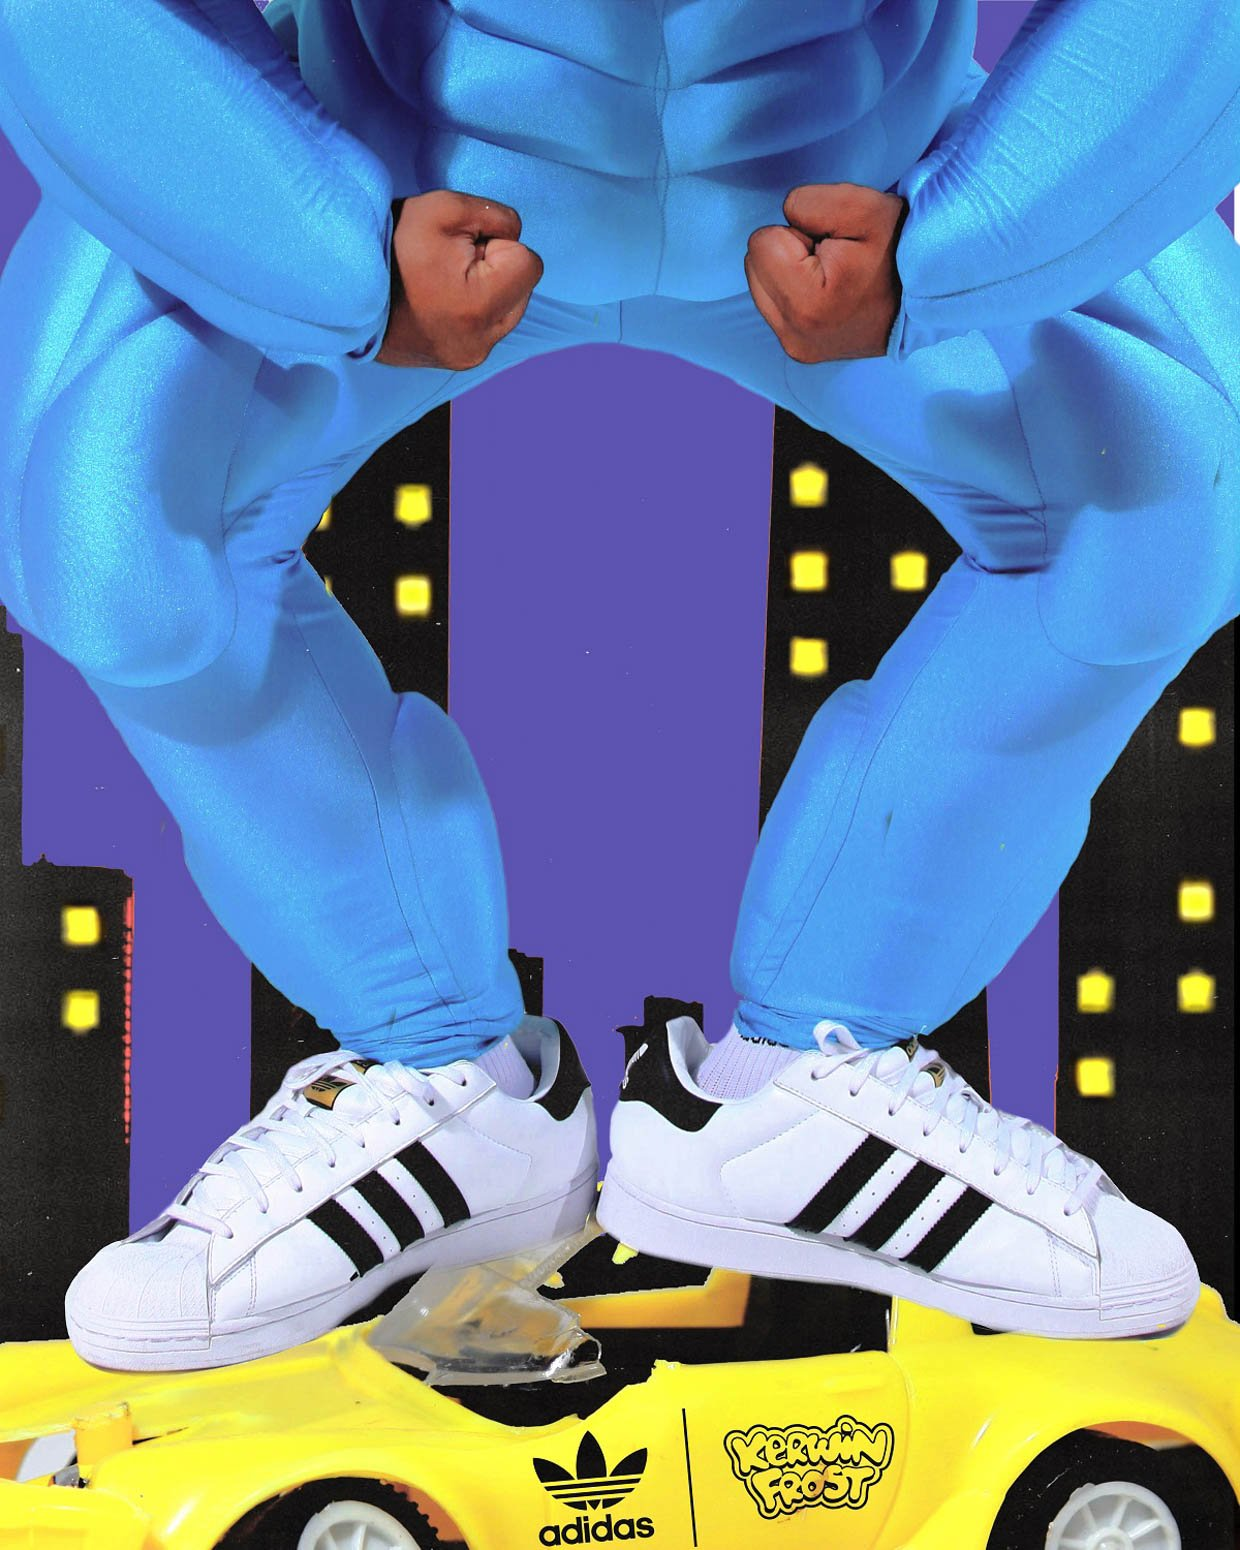 adidas Originals x Kerwin Frost Superstuffed Sneakers